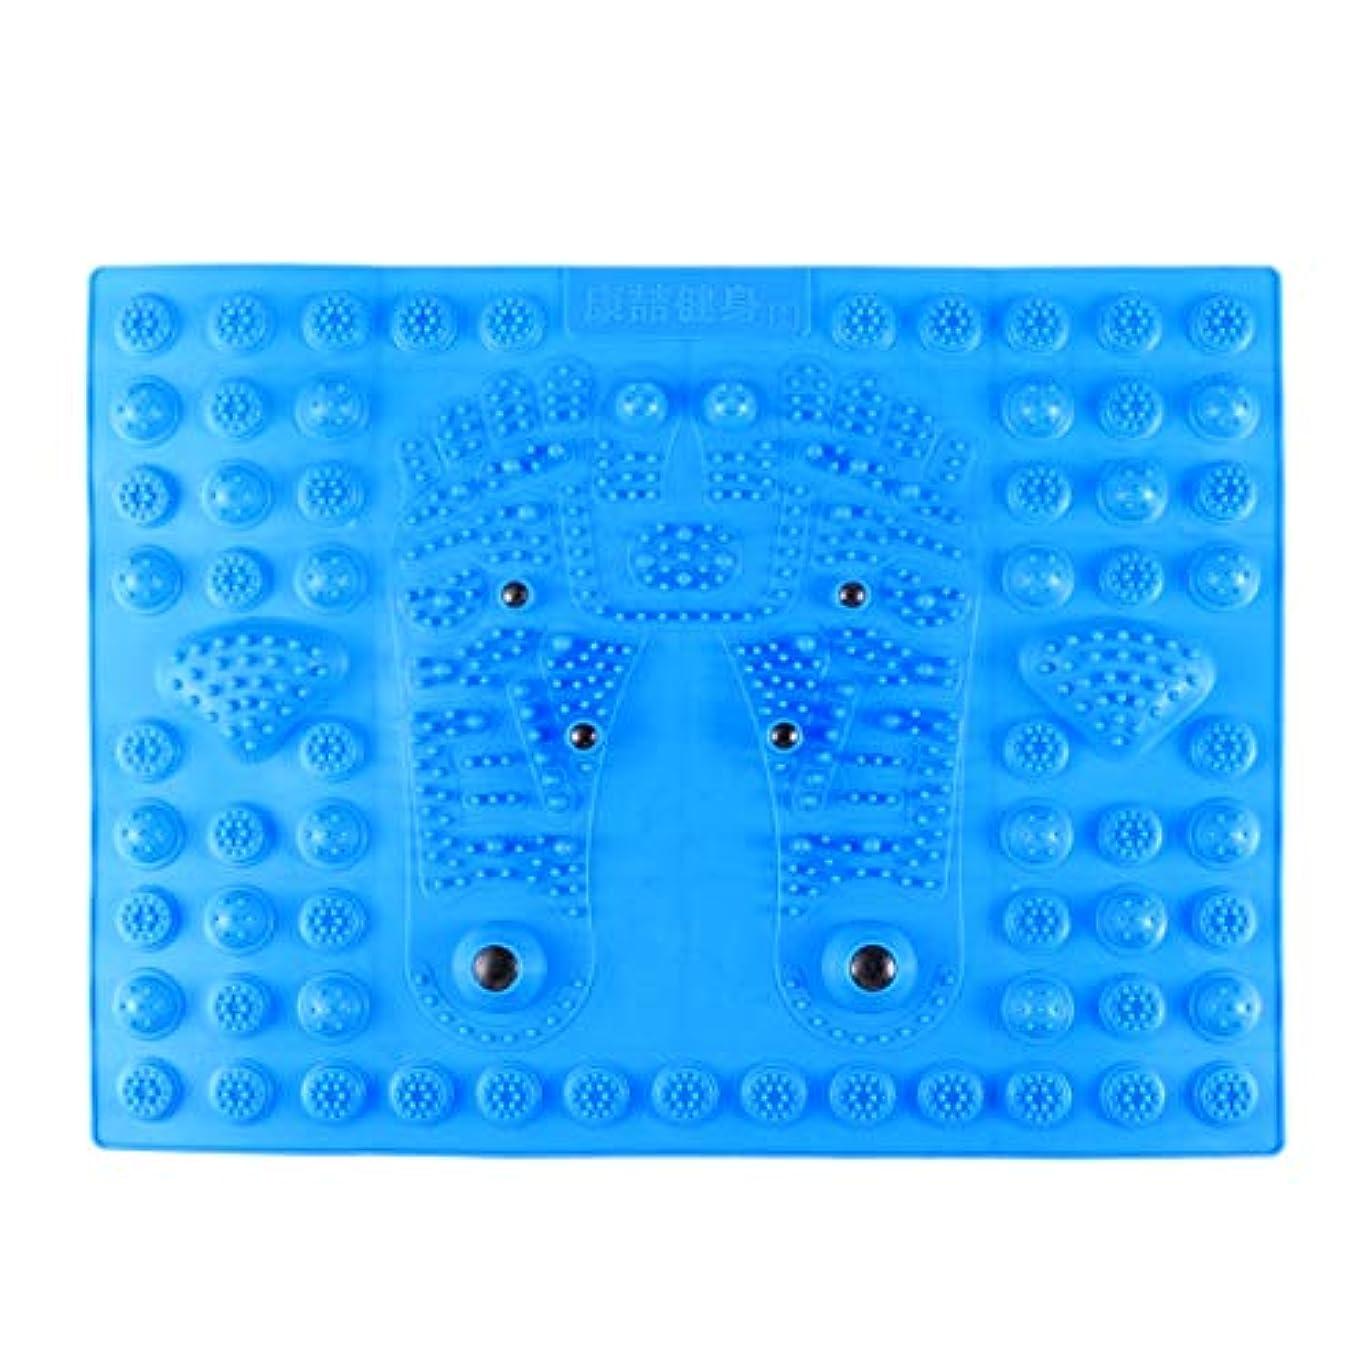 こだわり王位強調Healifty 指圧フットマットフット磁気療法マッサージャーガーデンマッサージパッド(ブルー)